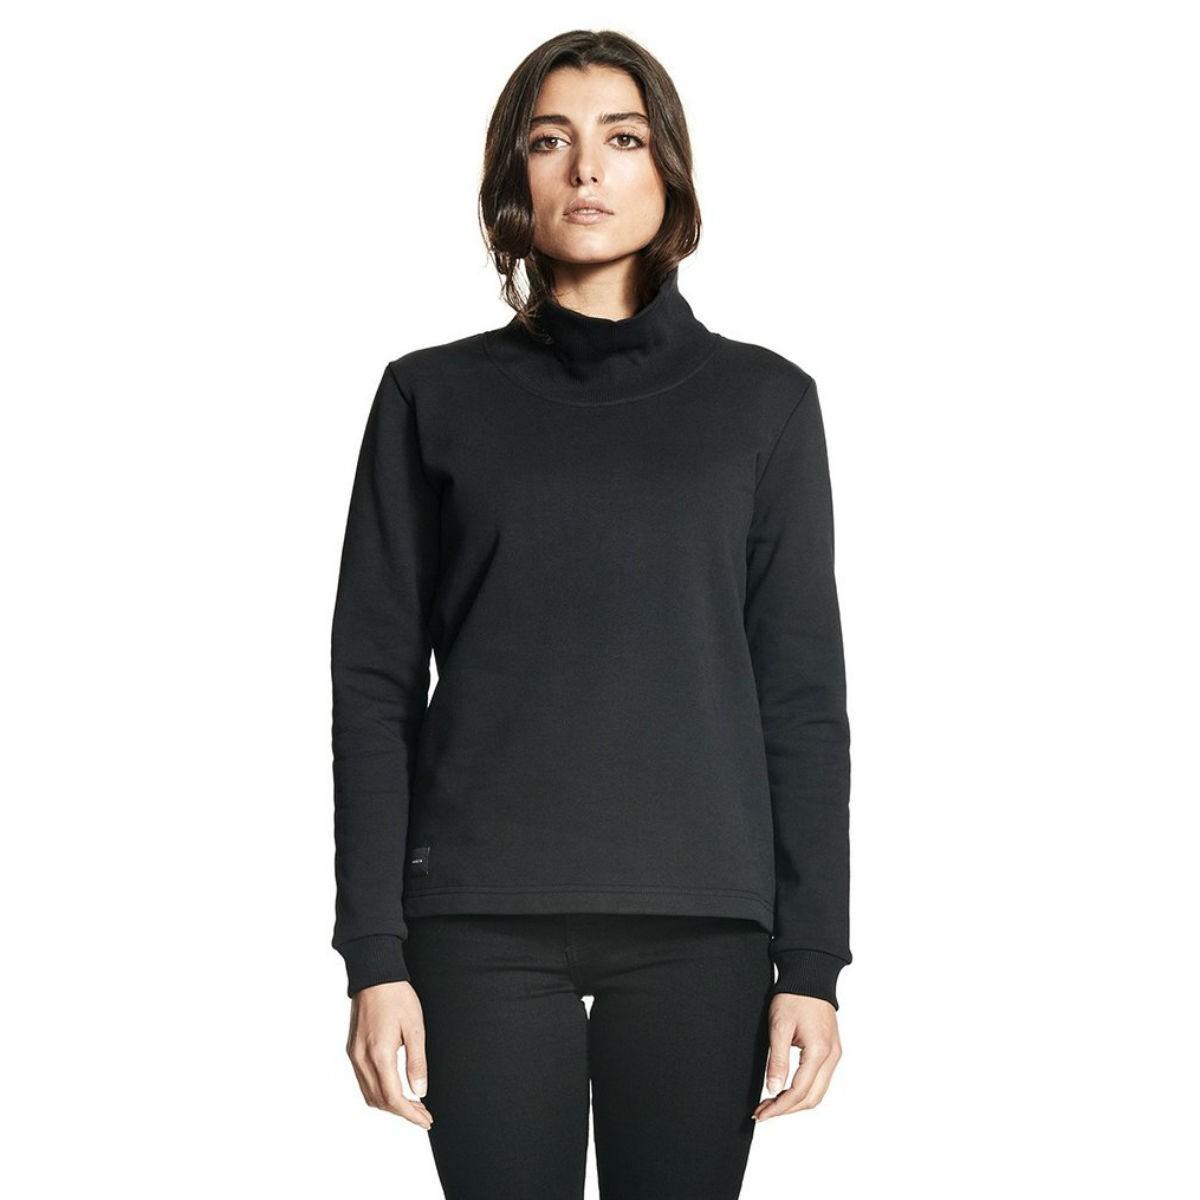 Černá mikina - Polo Sweatshirt - S